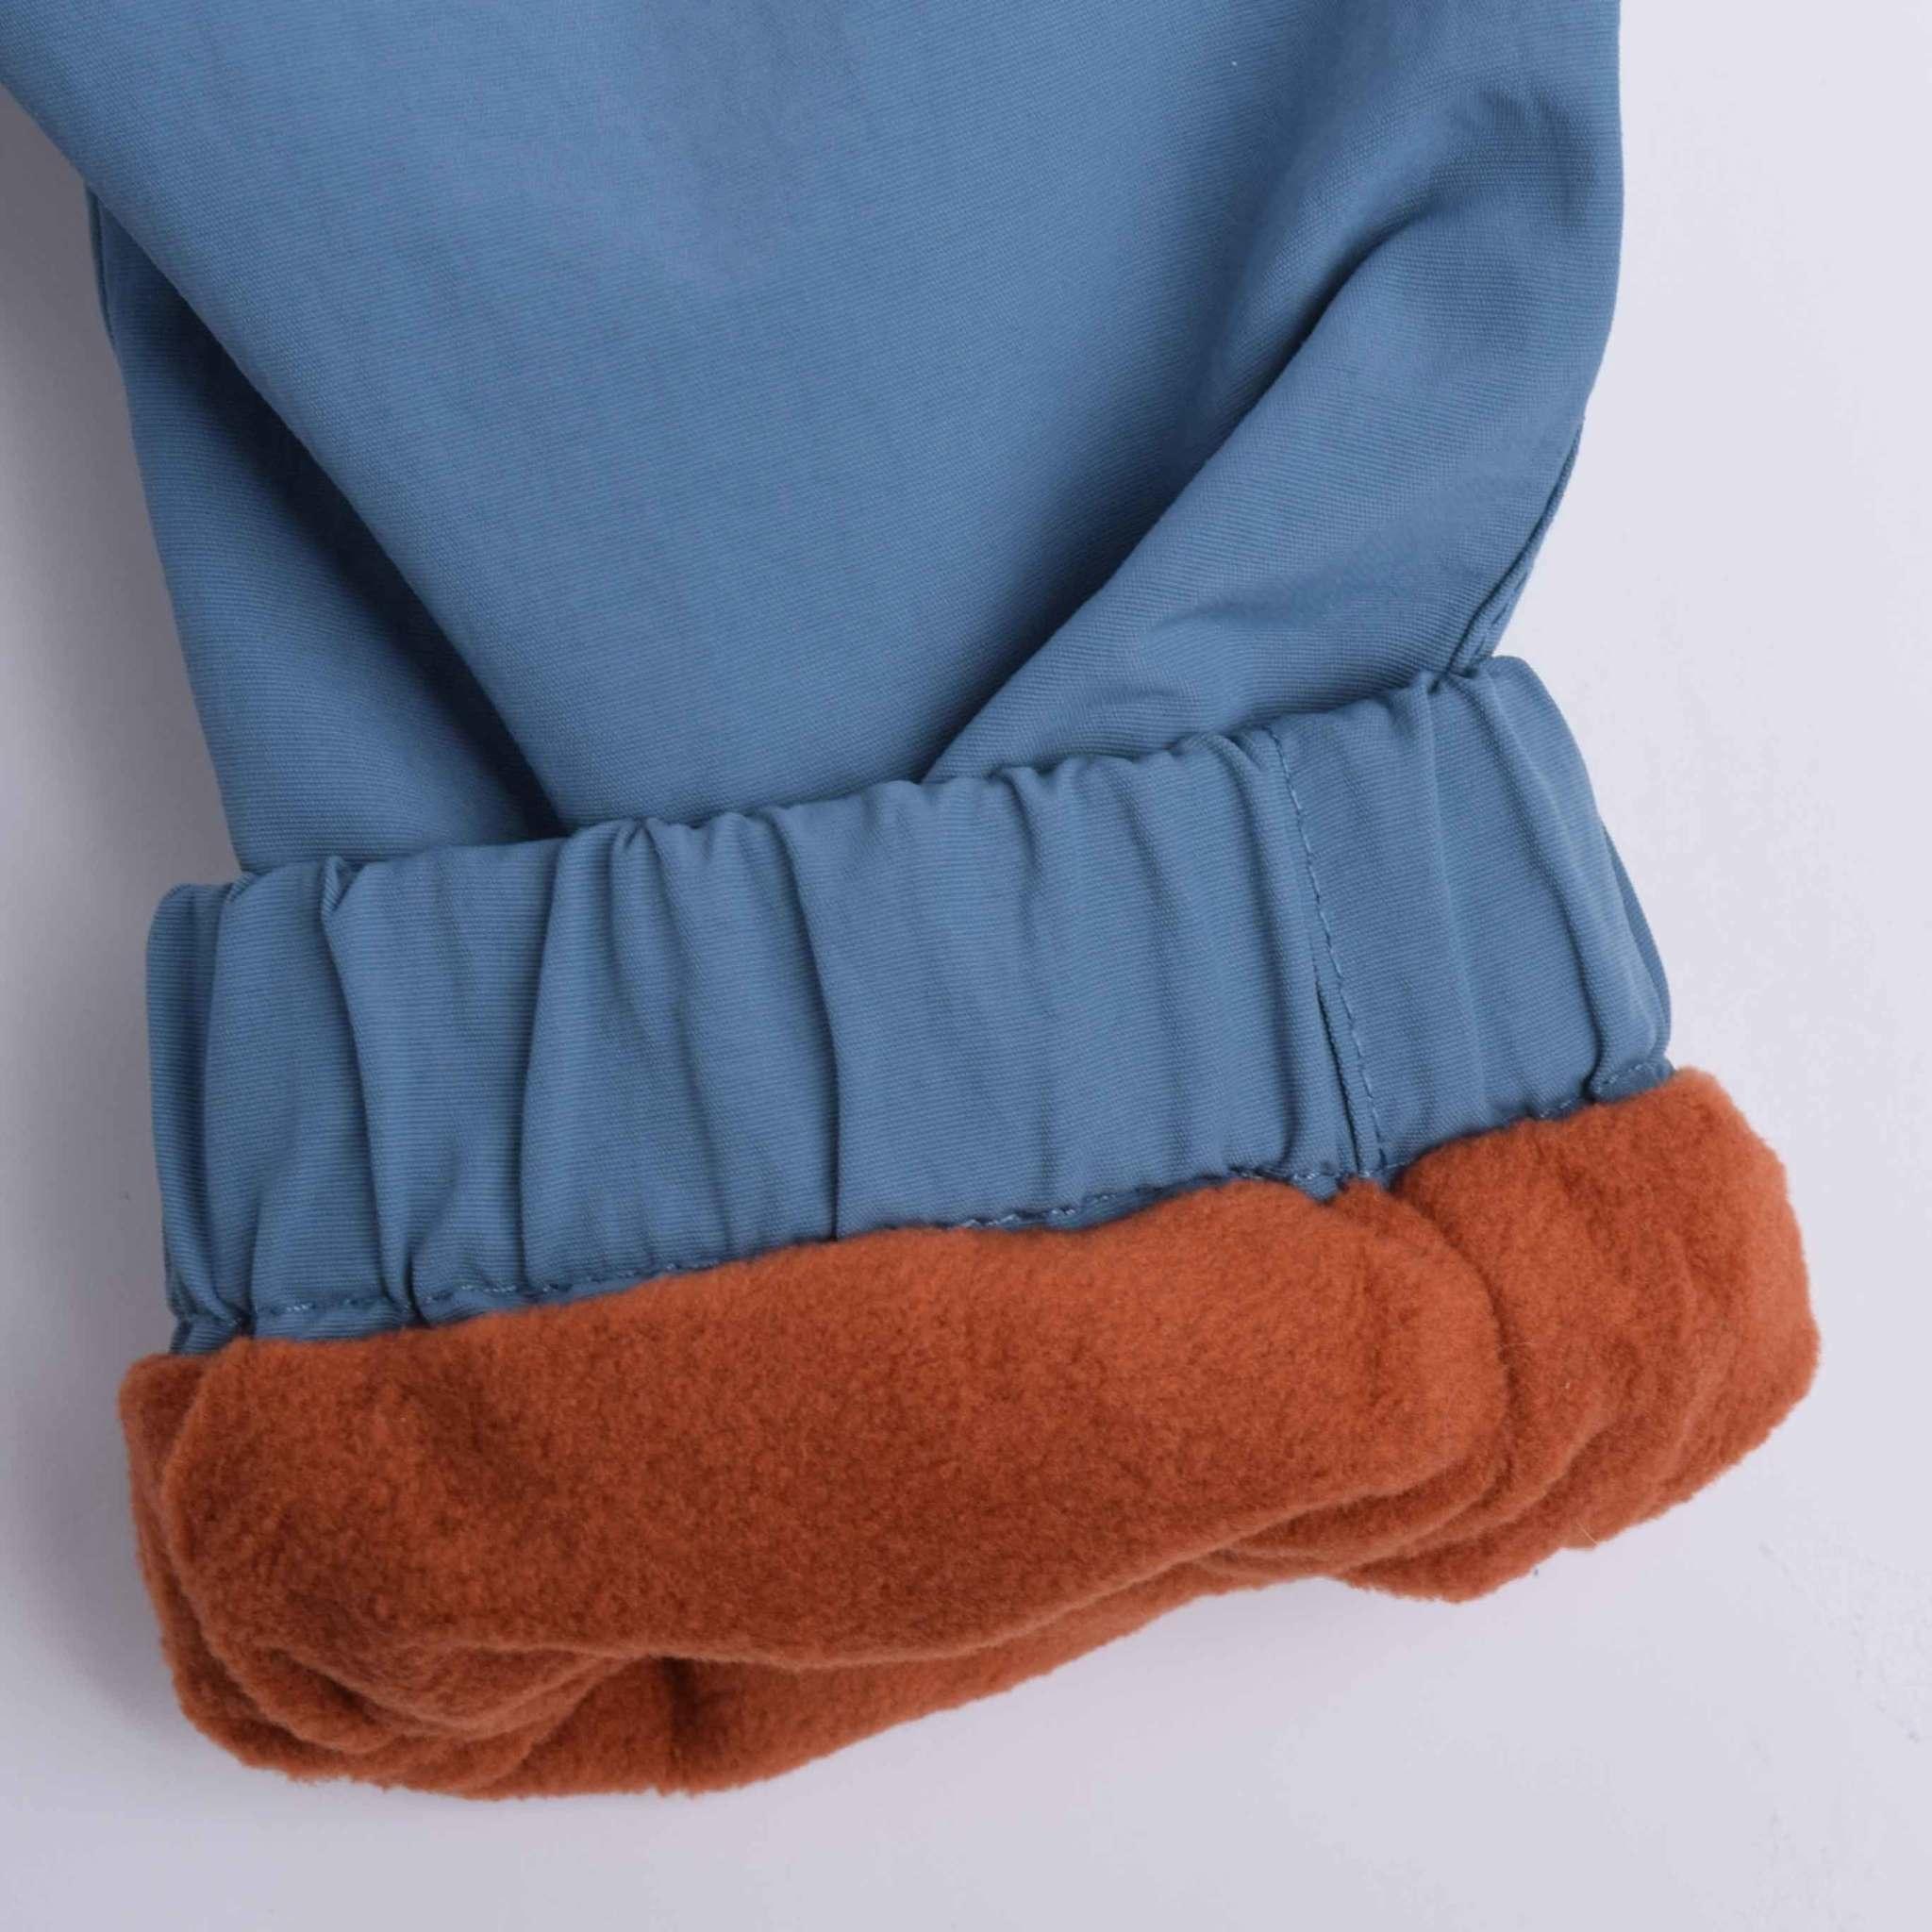 Pantalon D'Extérieur doublé Polar - TWENTY TWO 1.0-10